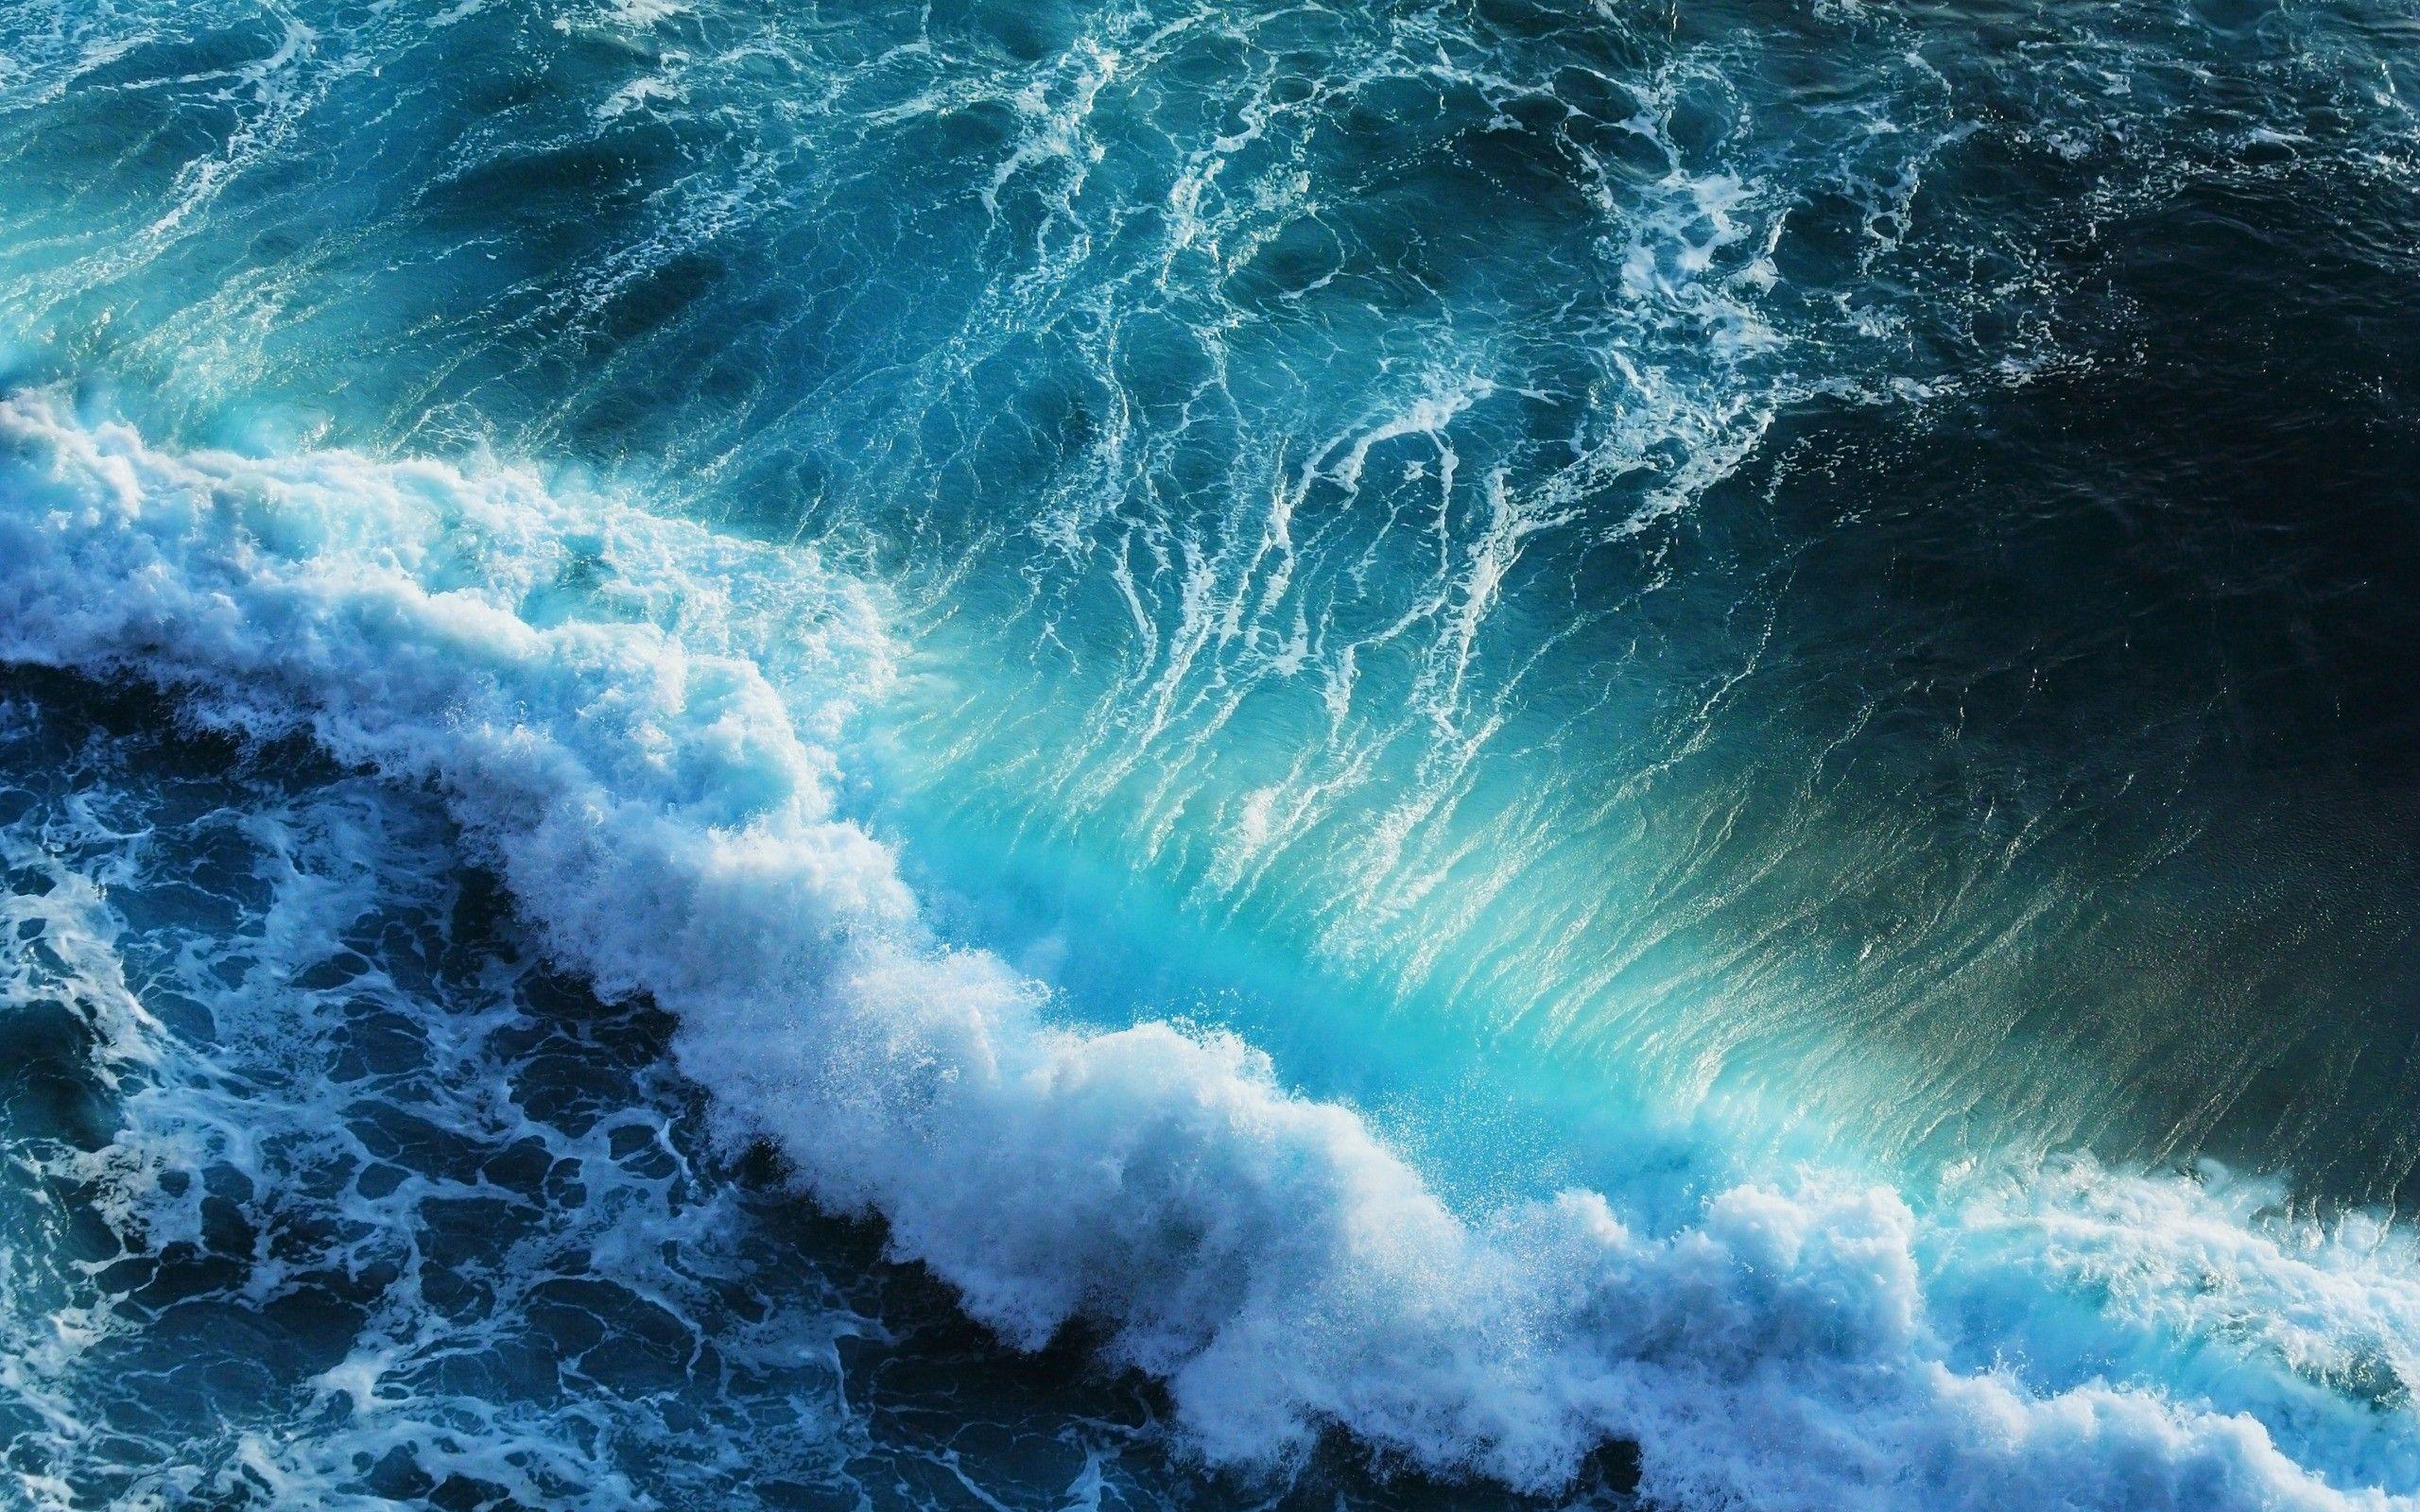 Wave Wallpaper High Resolution Ocean Waves Wallpaper ...